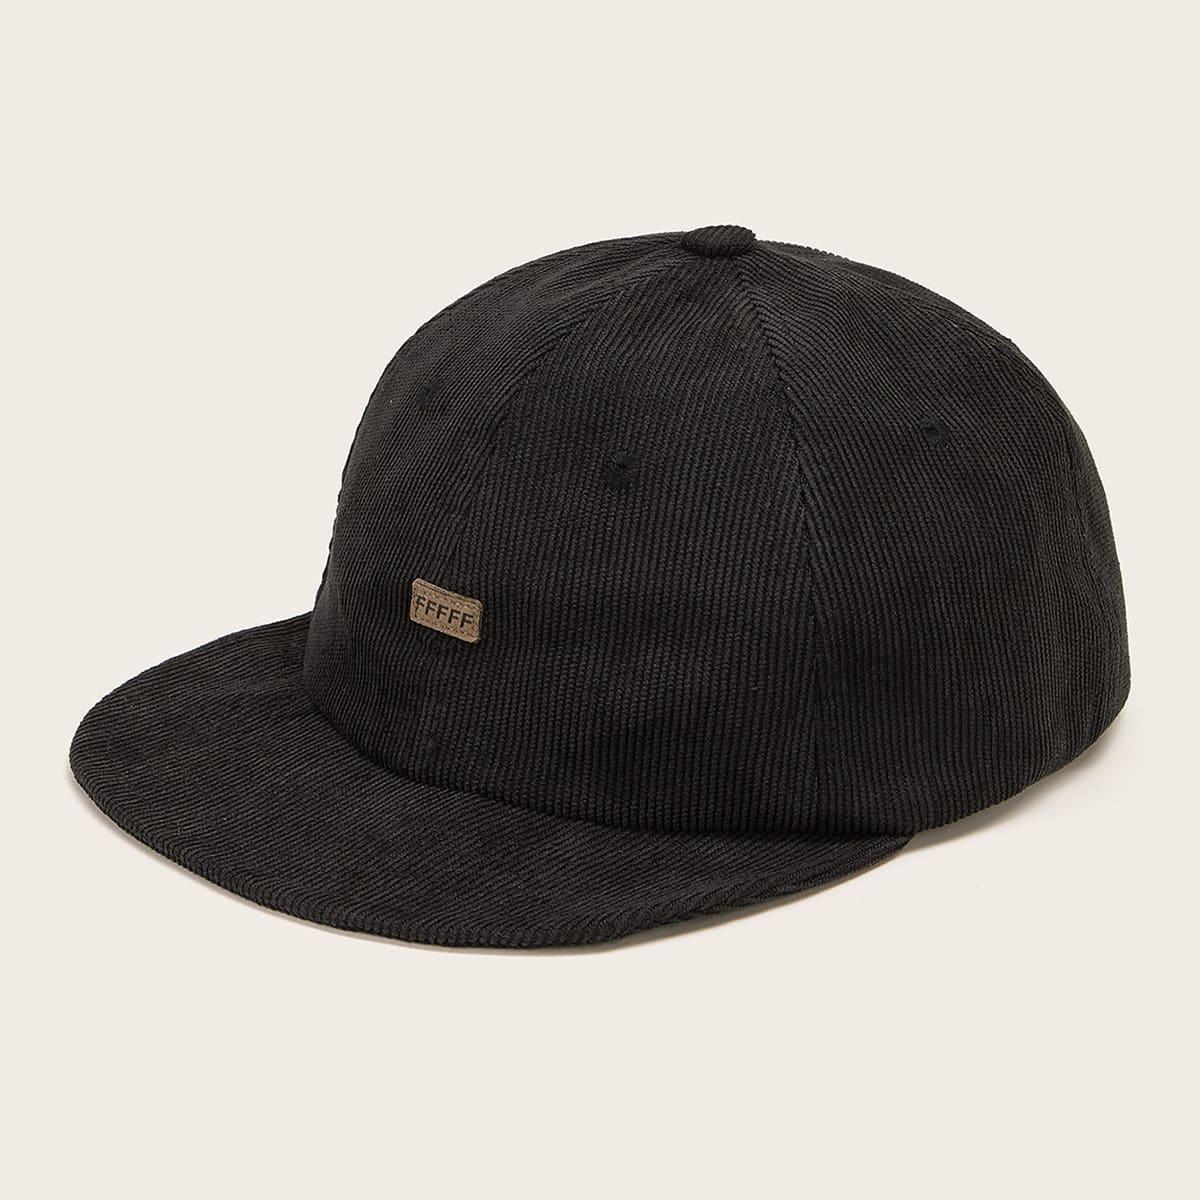 Heren baseball cap met grafische letters